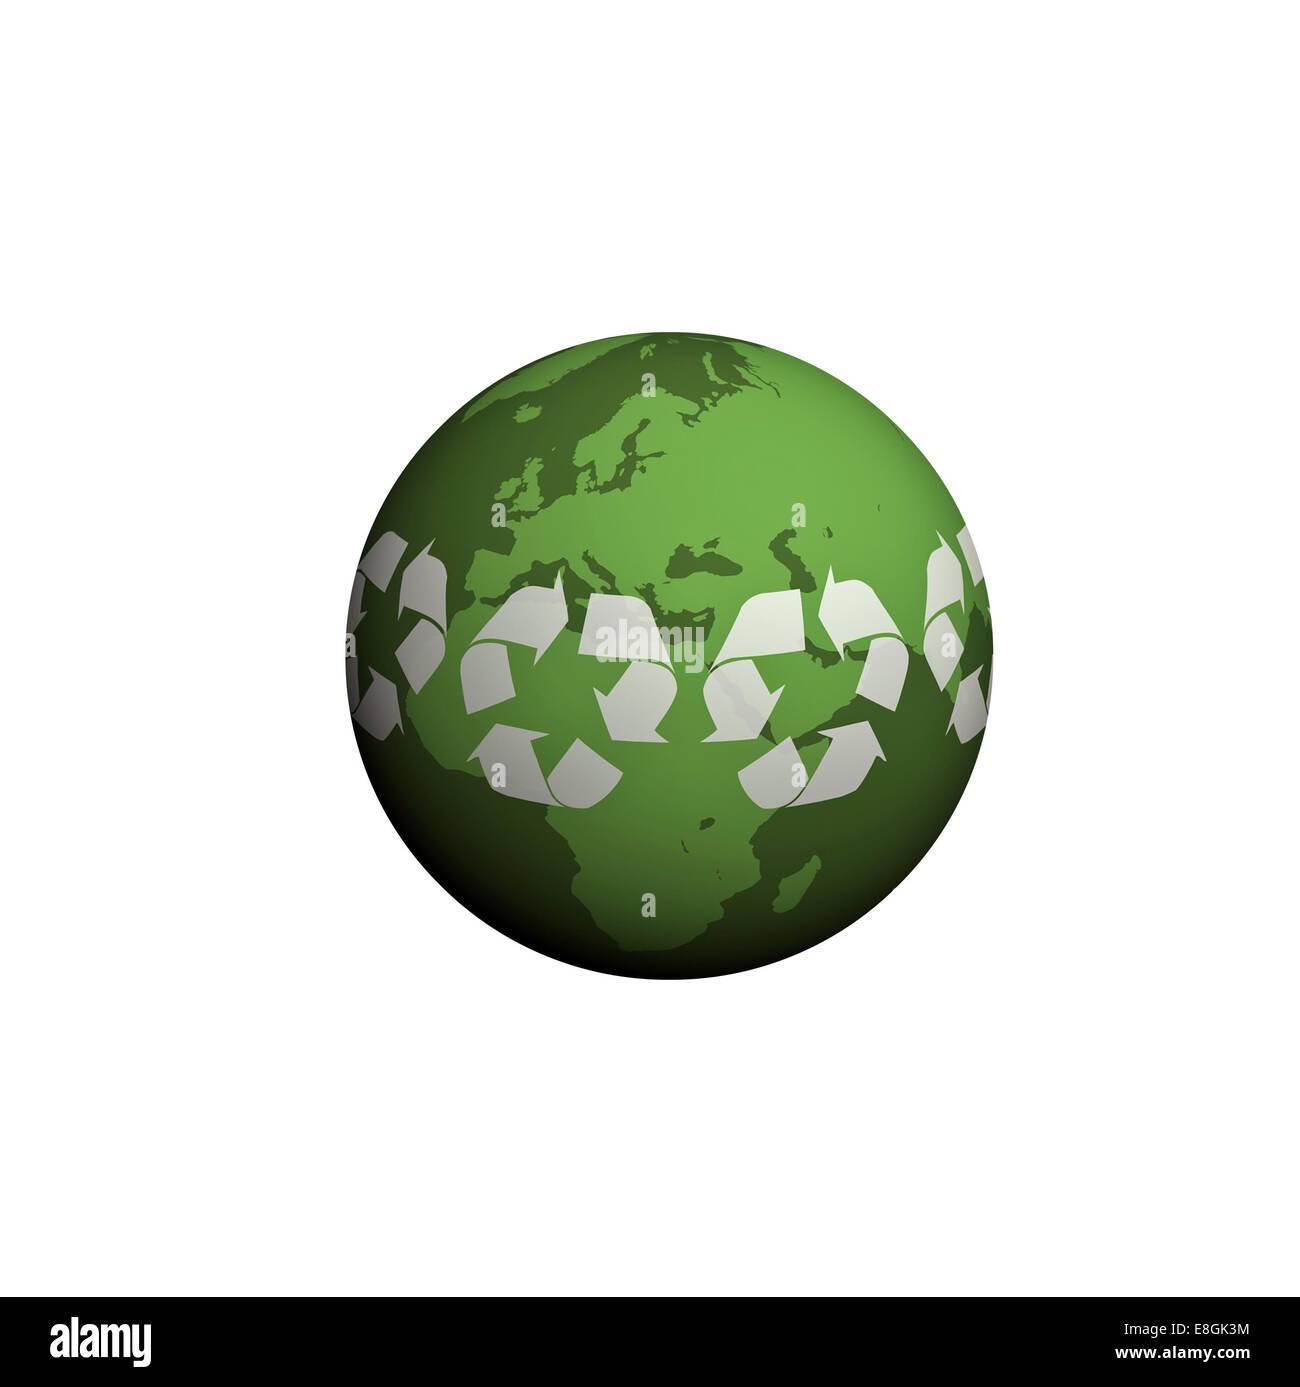 Generati digitalmente immagine del pianeta terra, mondo verde Immagini Stock